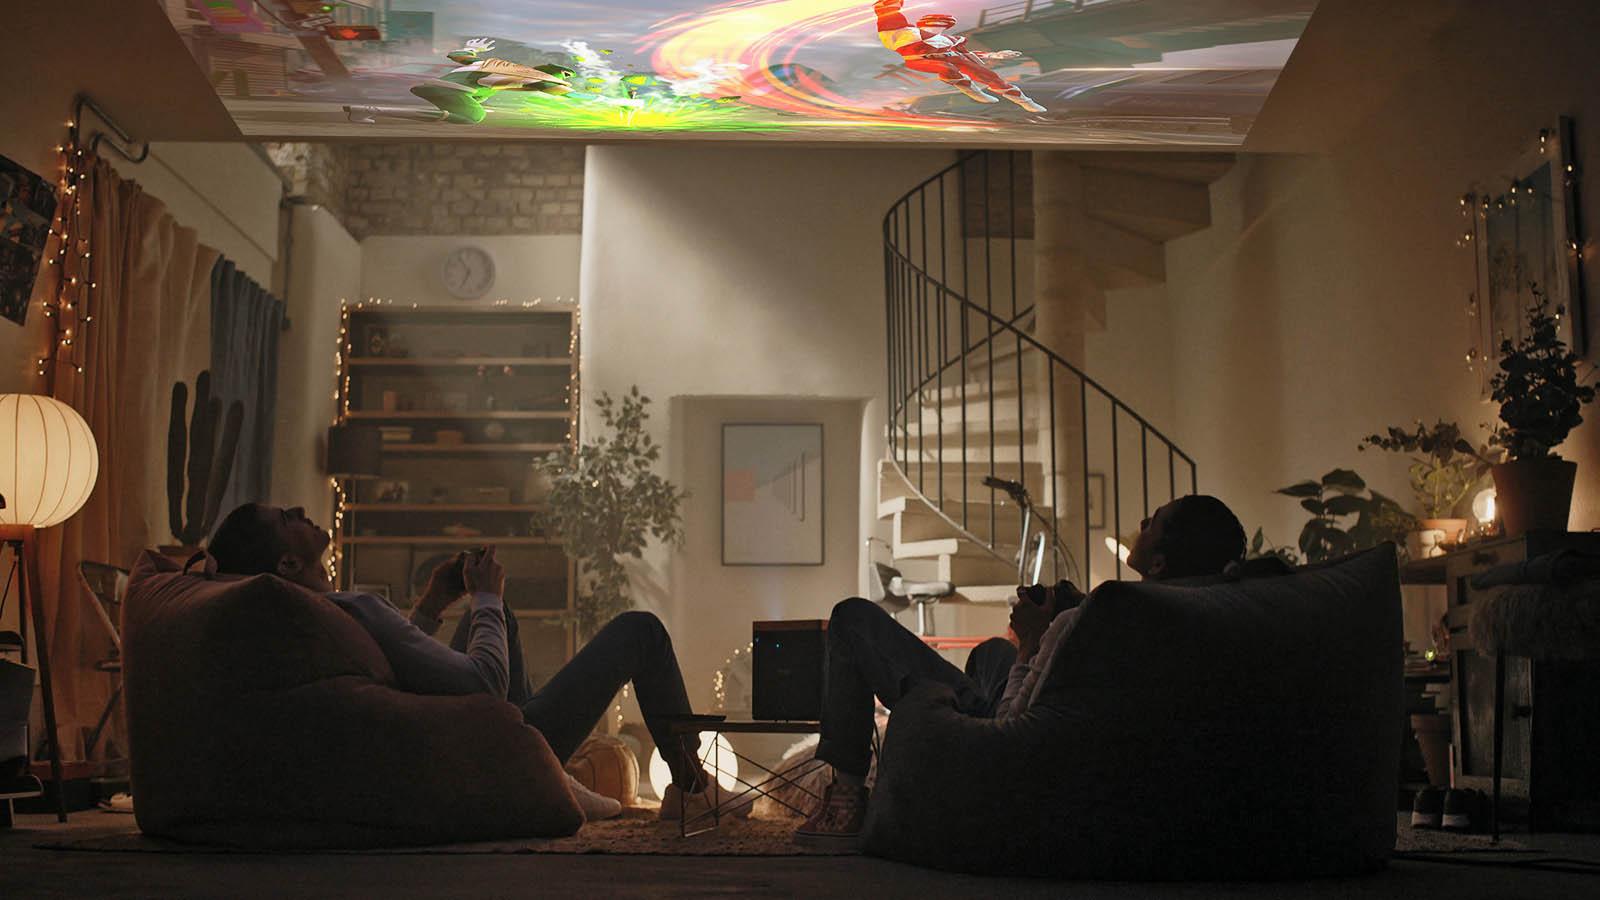 Проекция на потолок: впечатления после недели использования проектора, поставленного «на торец» - 1